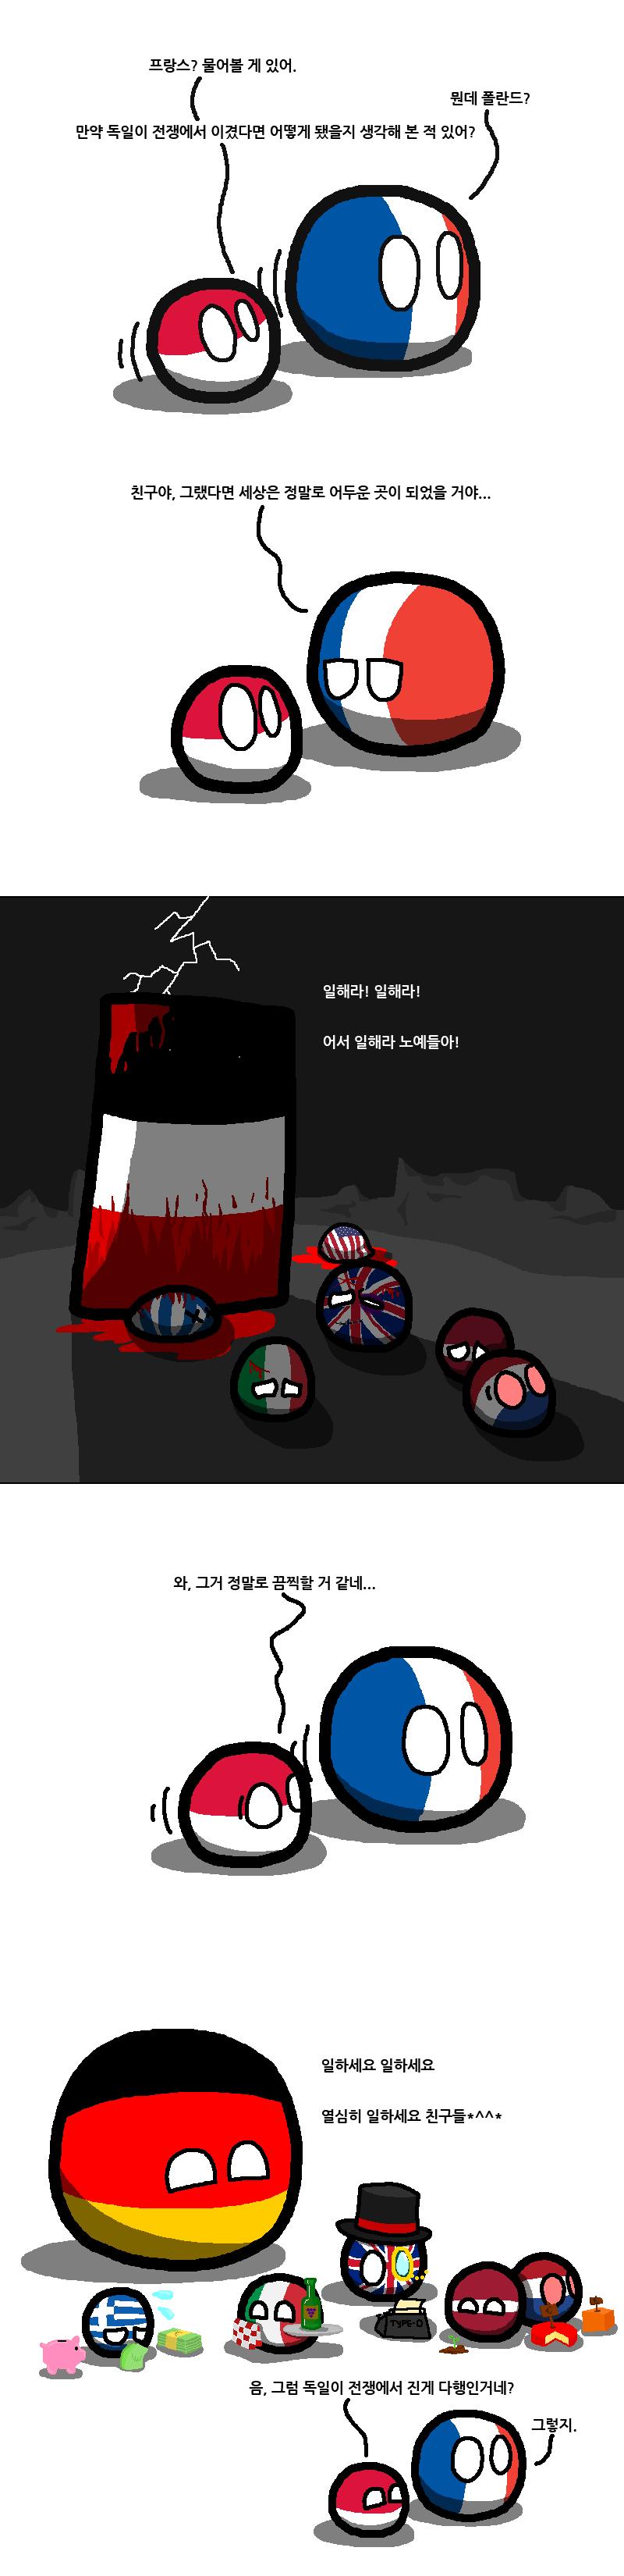 [폴란드볼] 독일이 전쟁에서 이겼다면 | 인스티즈